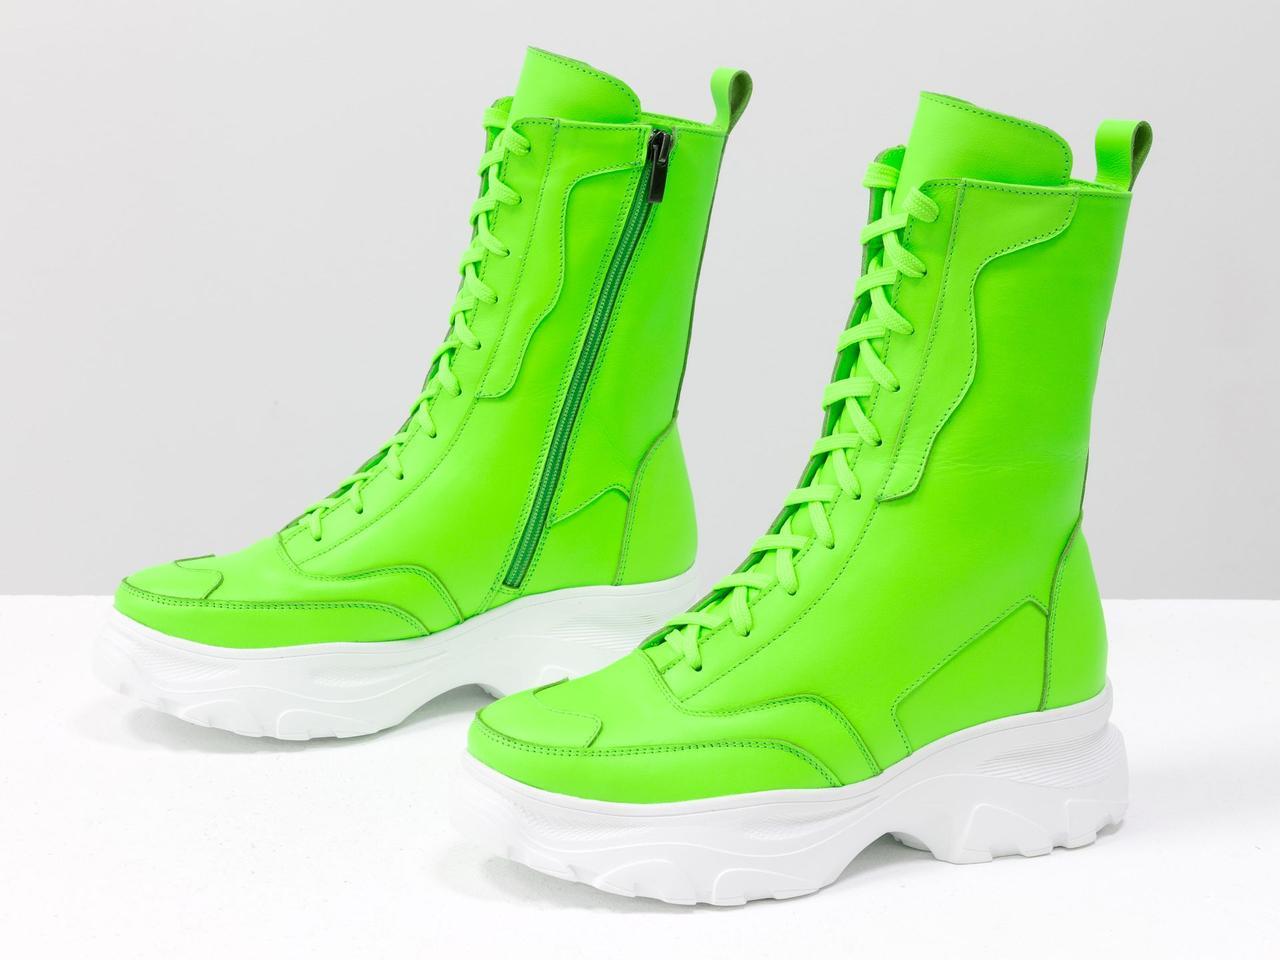 Высокие женские неоновые ботинки берцы салатового цвета из натуральной кожи